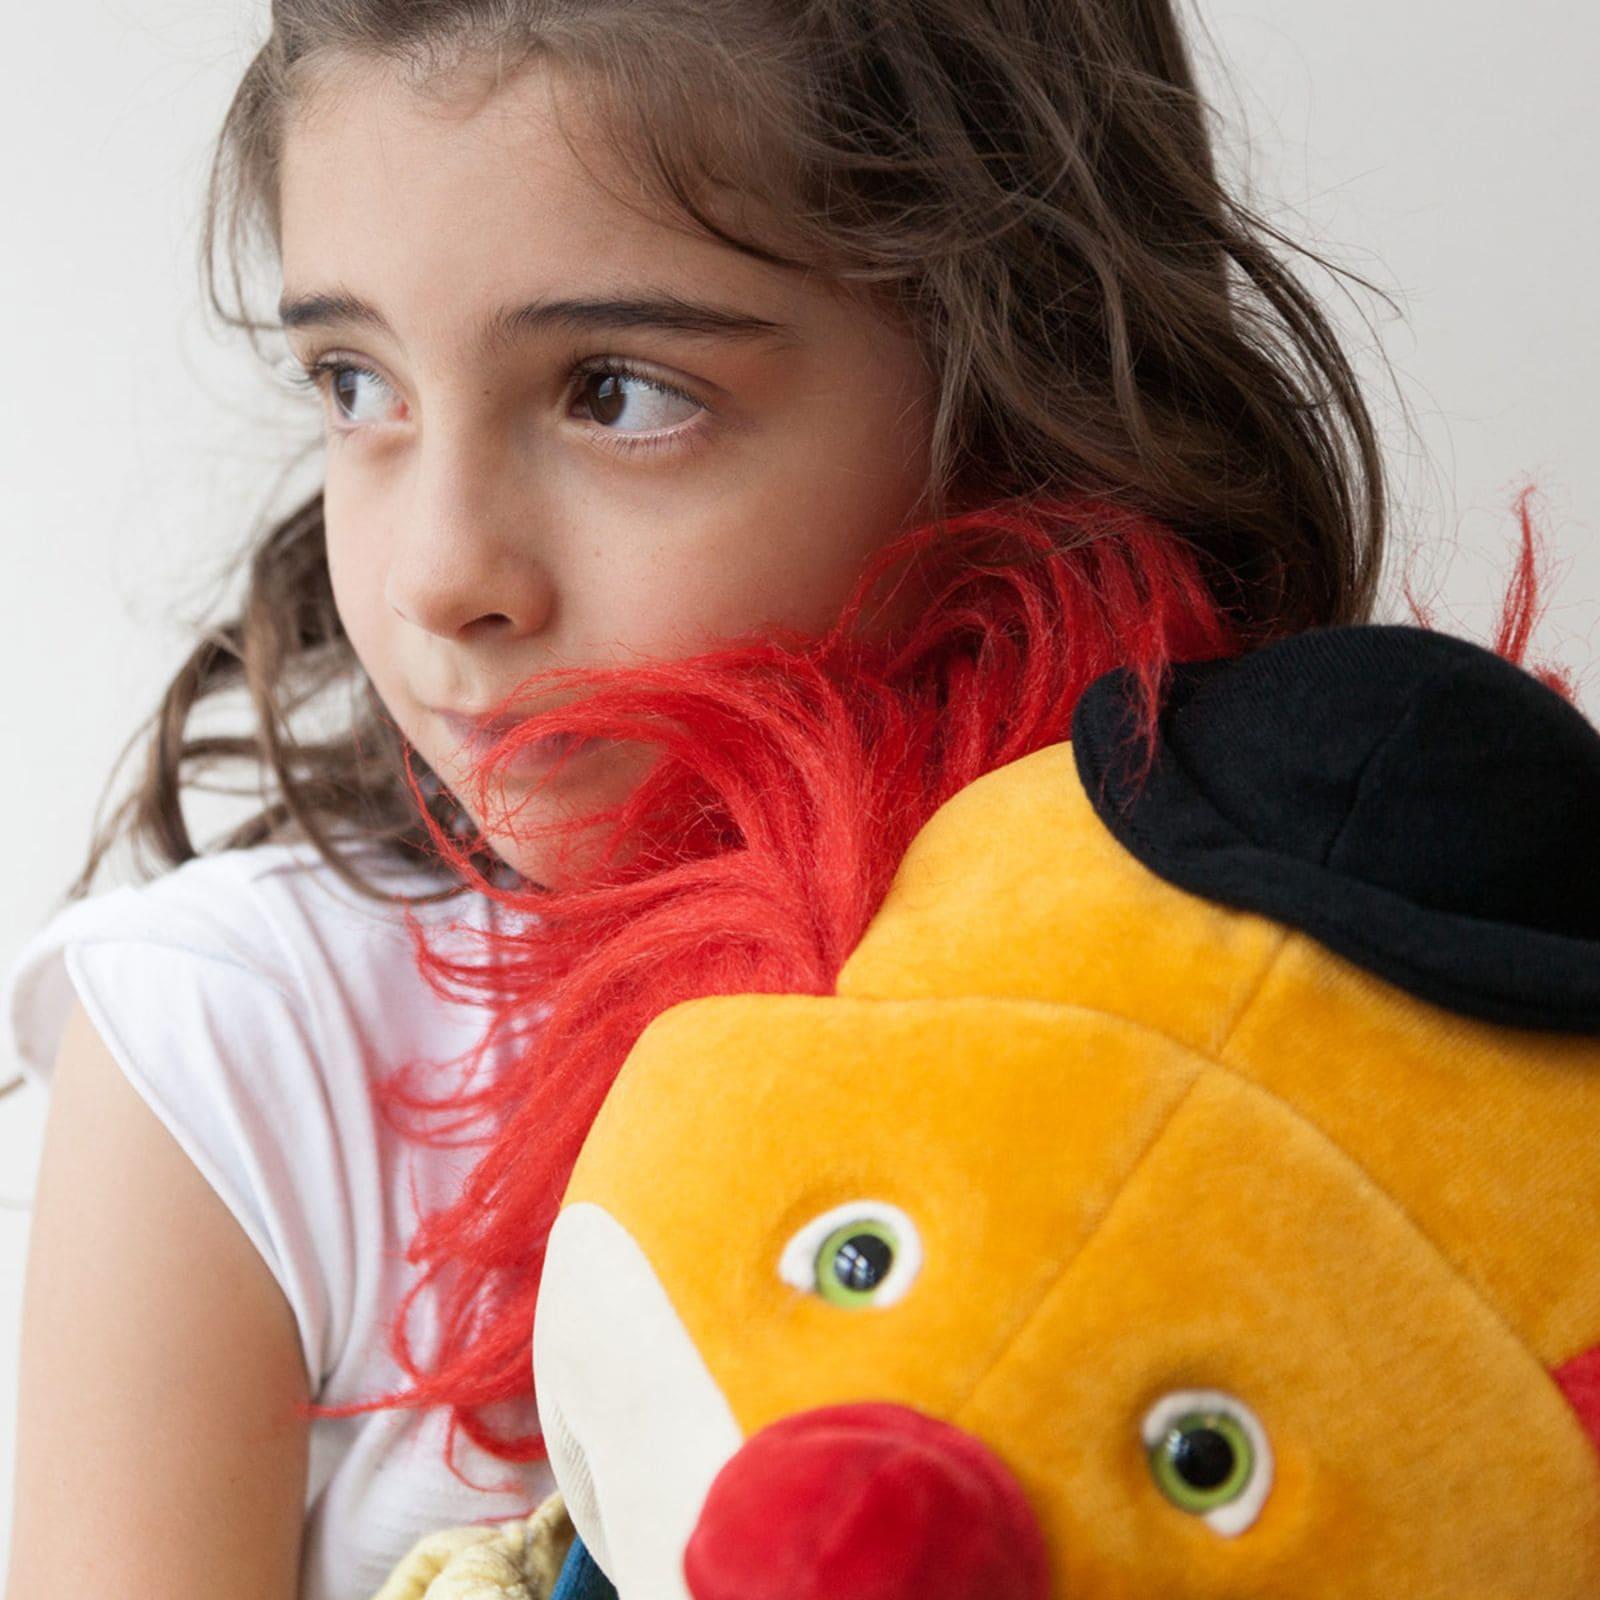 Trauriges Mädchen mit Clown